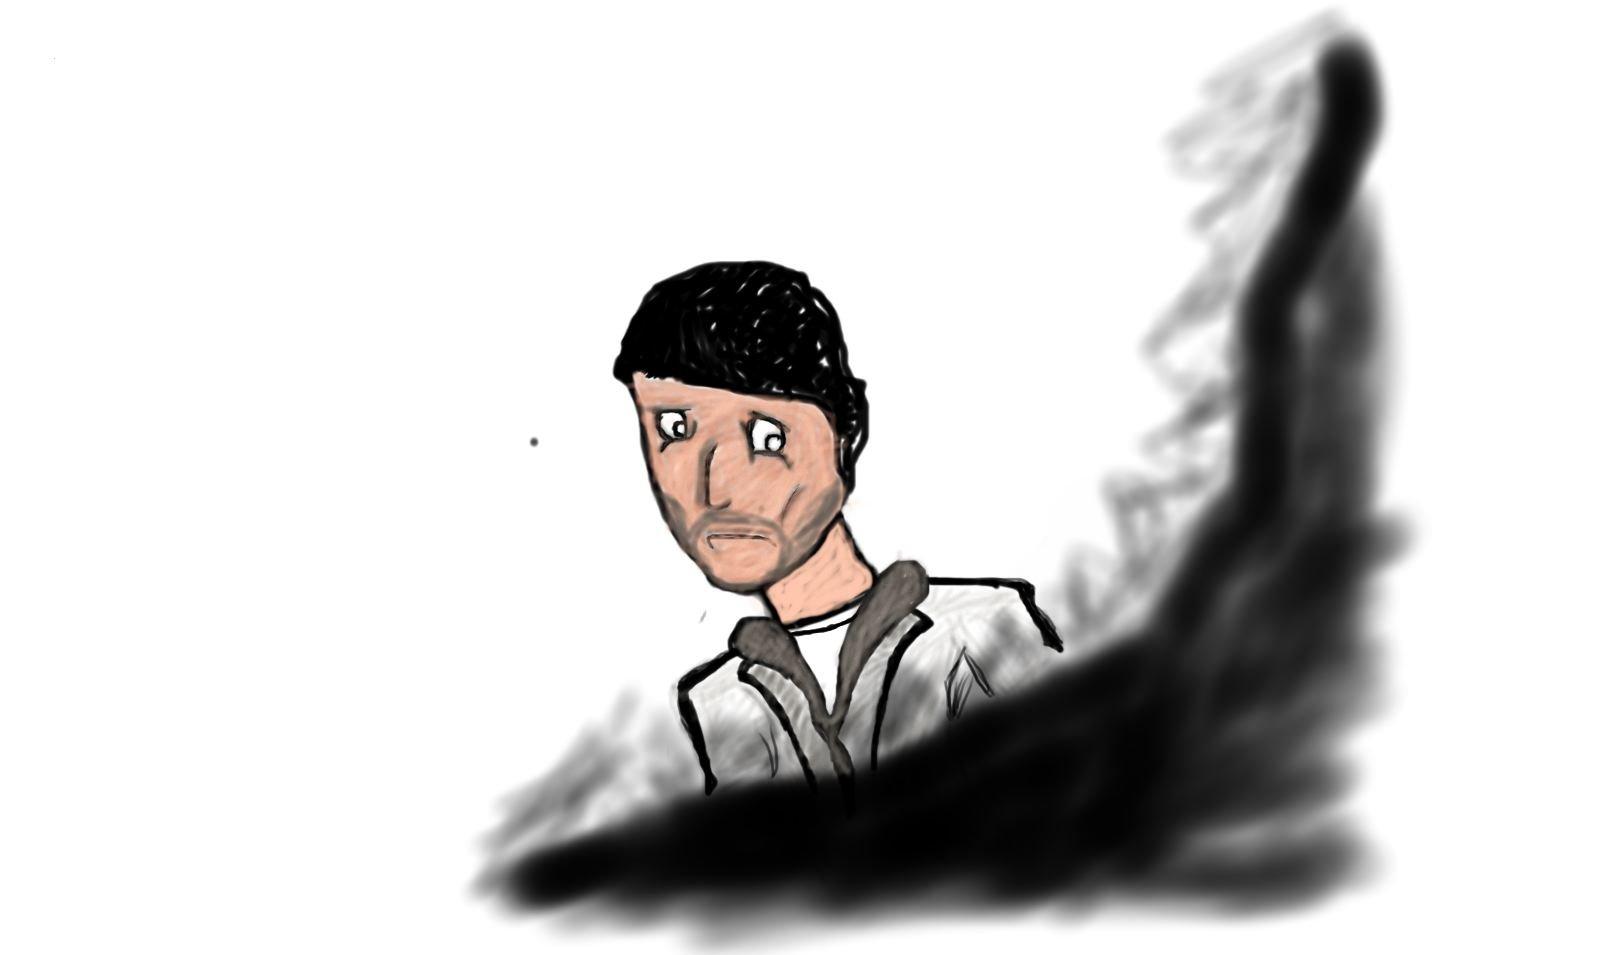 """Ей """"Канобу""""!Сегодня вечером,не имея скилла по рисованию но имея много свободного времени я пытался накинуть самого с ... - Изображение 1"""